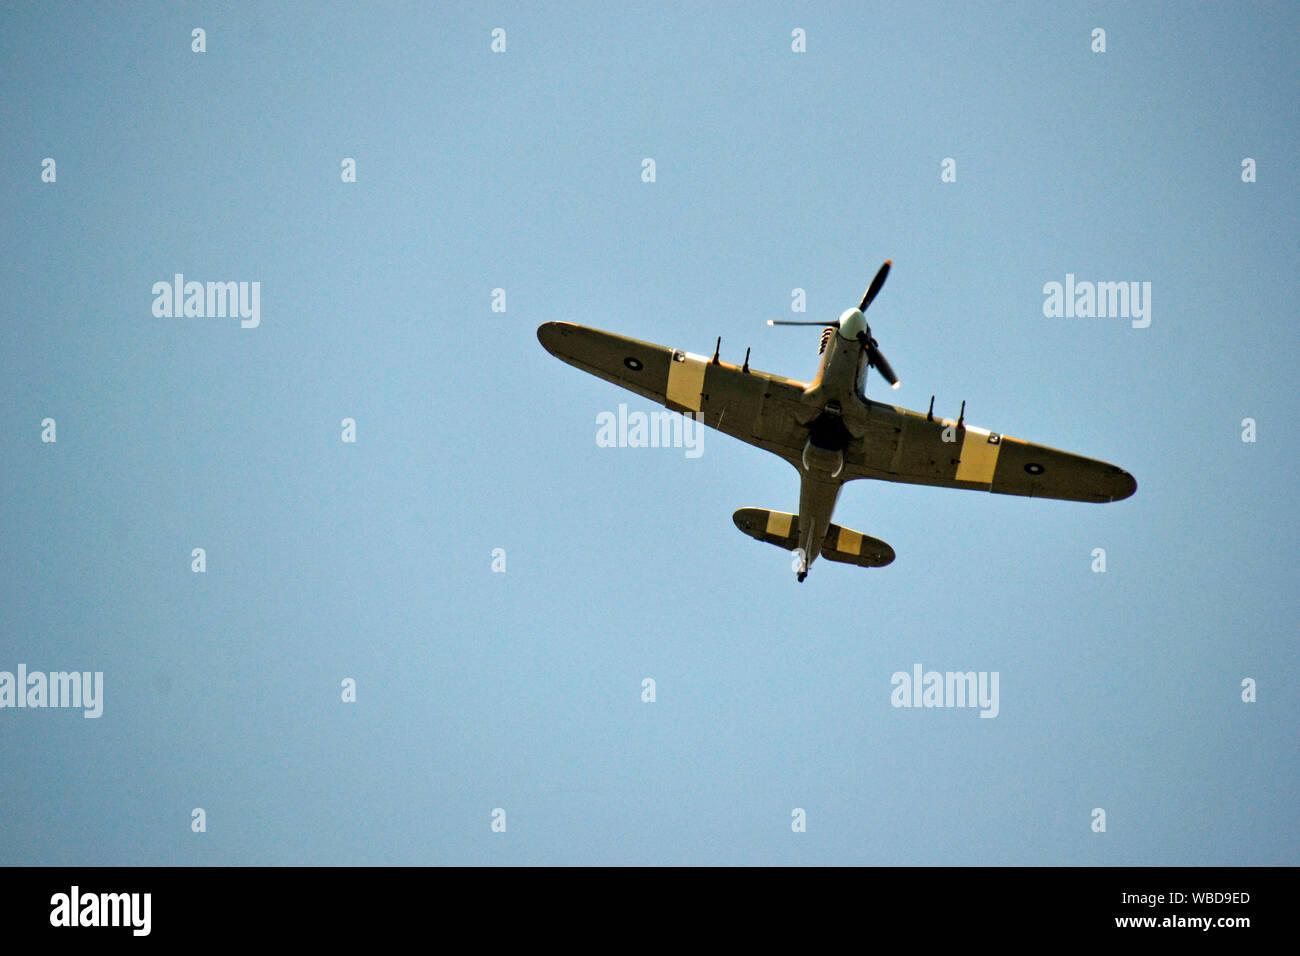 August Bank Holiday Monday 2019. Hurricane military plane flypast at Hazlemere Fete, Buckinghamshire, UK. 26/8/19 Stock Photo